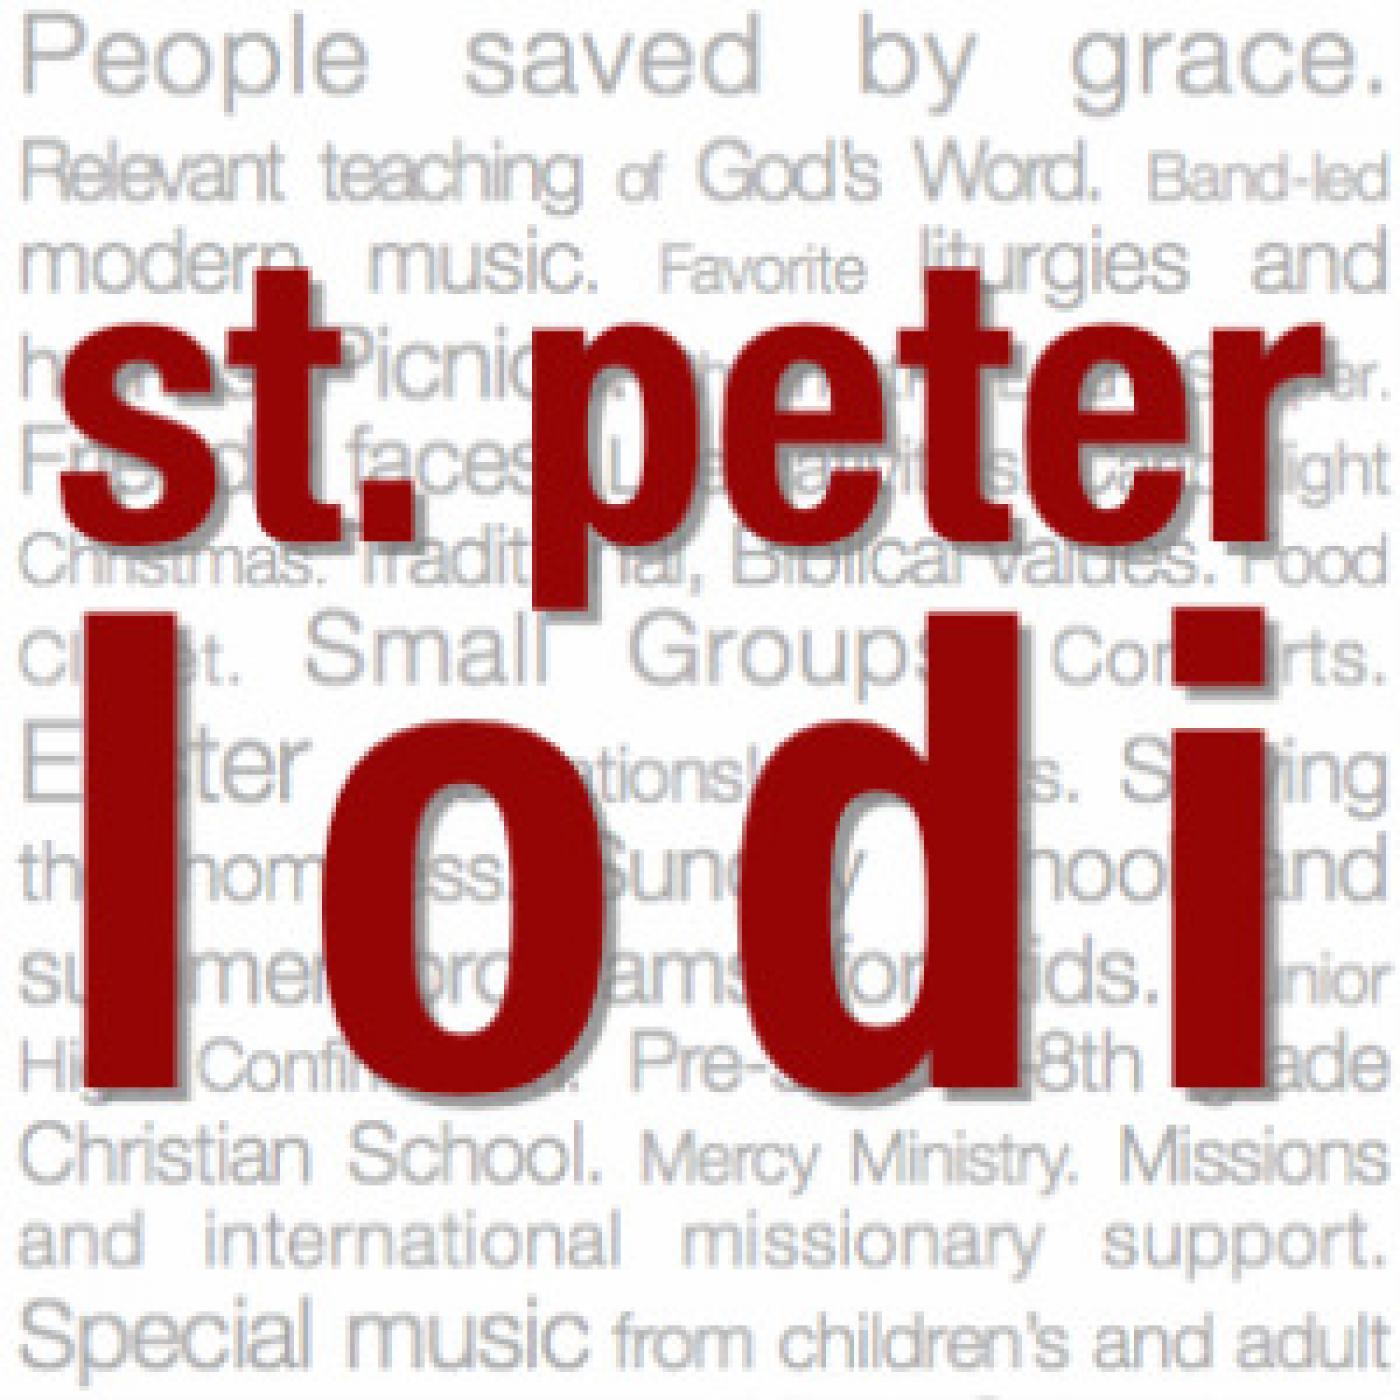 St. Peter Lodi